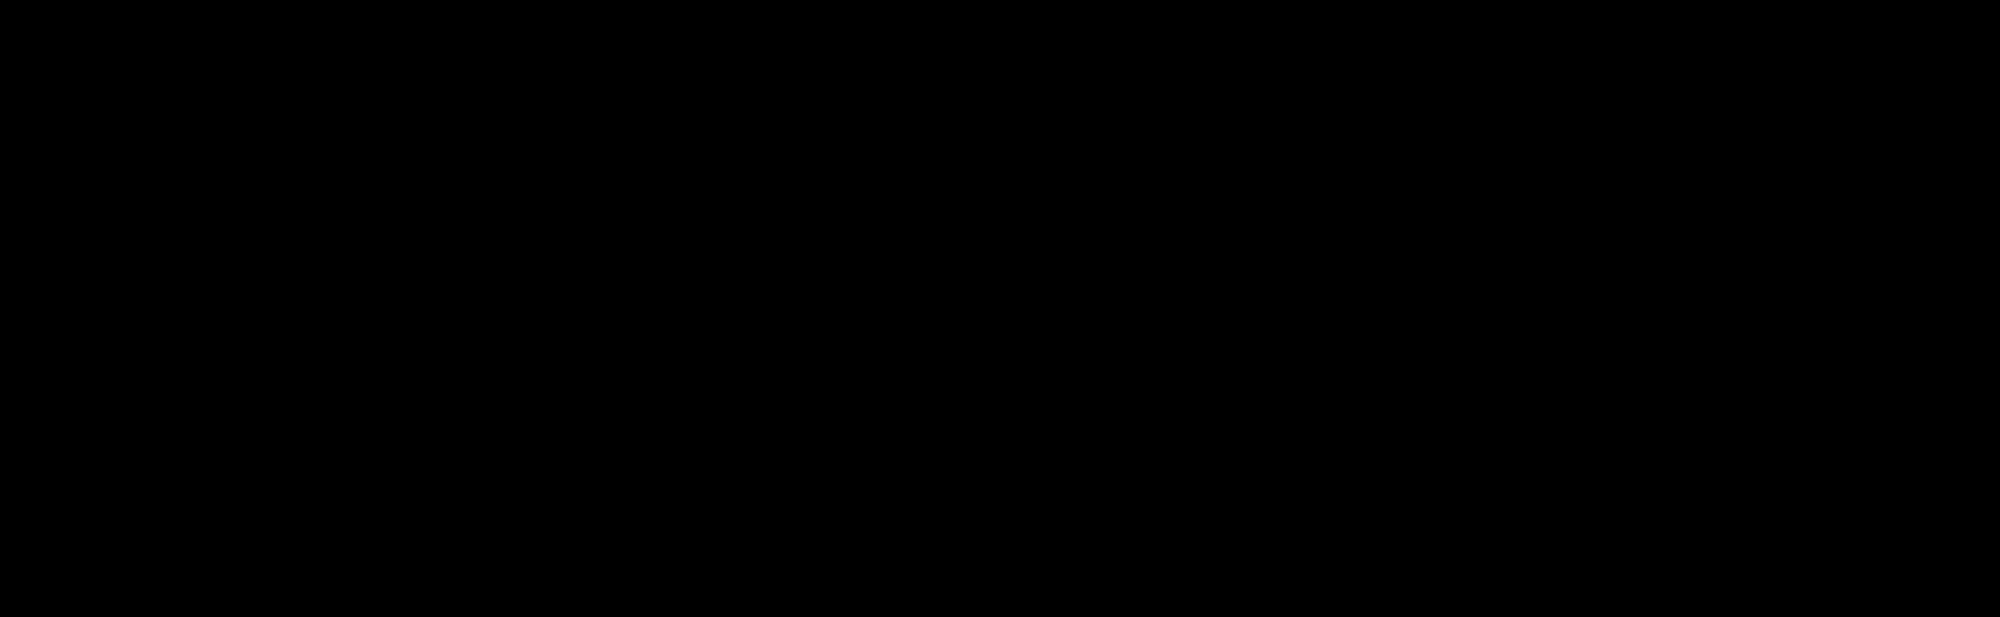 Quadriatic Formula